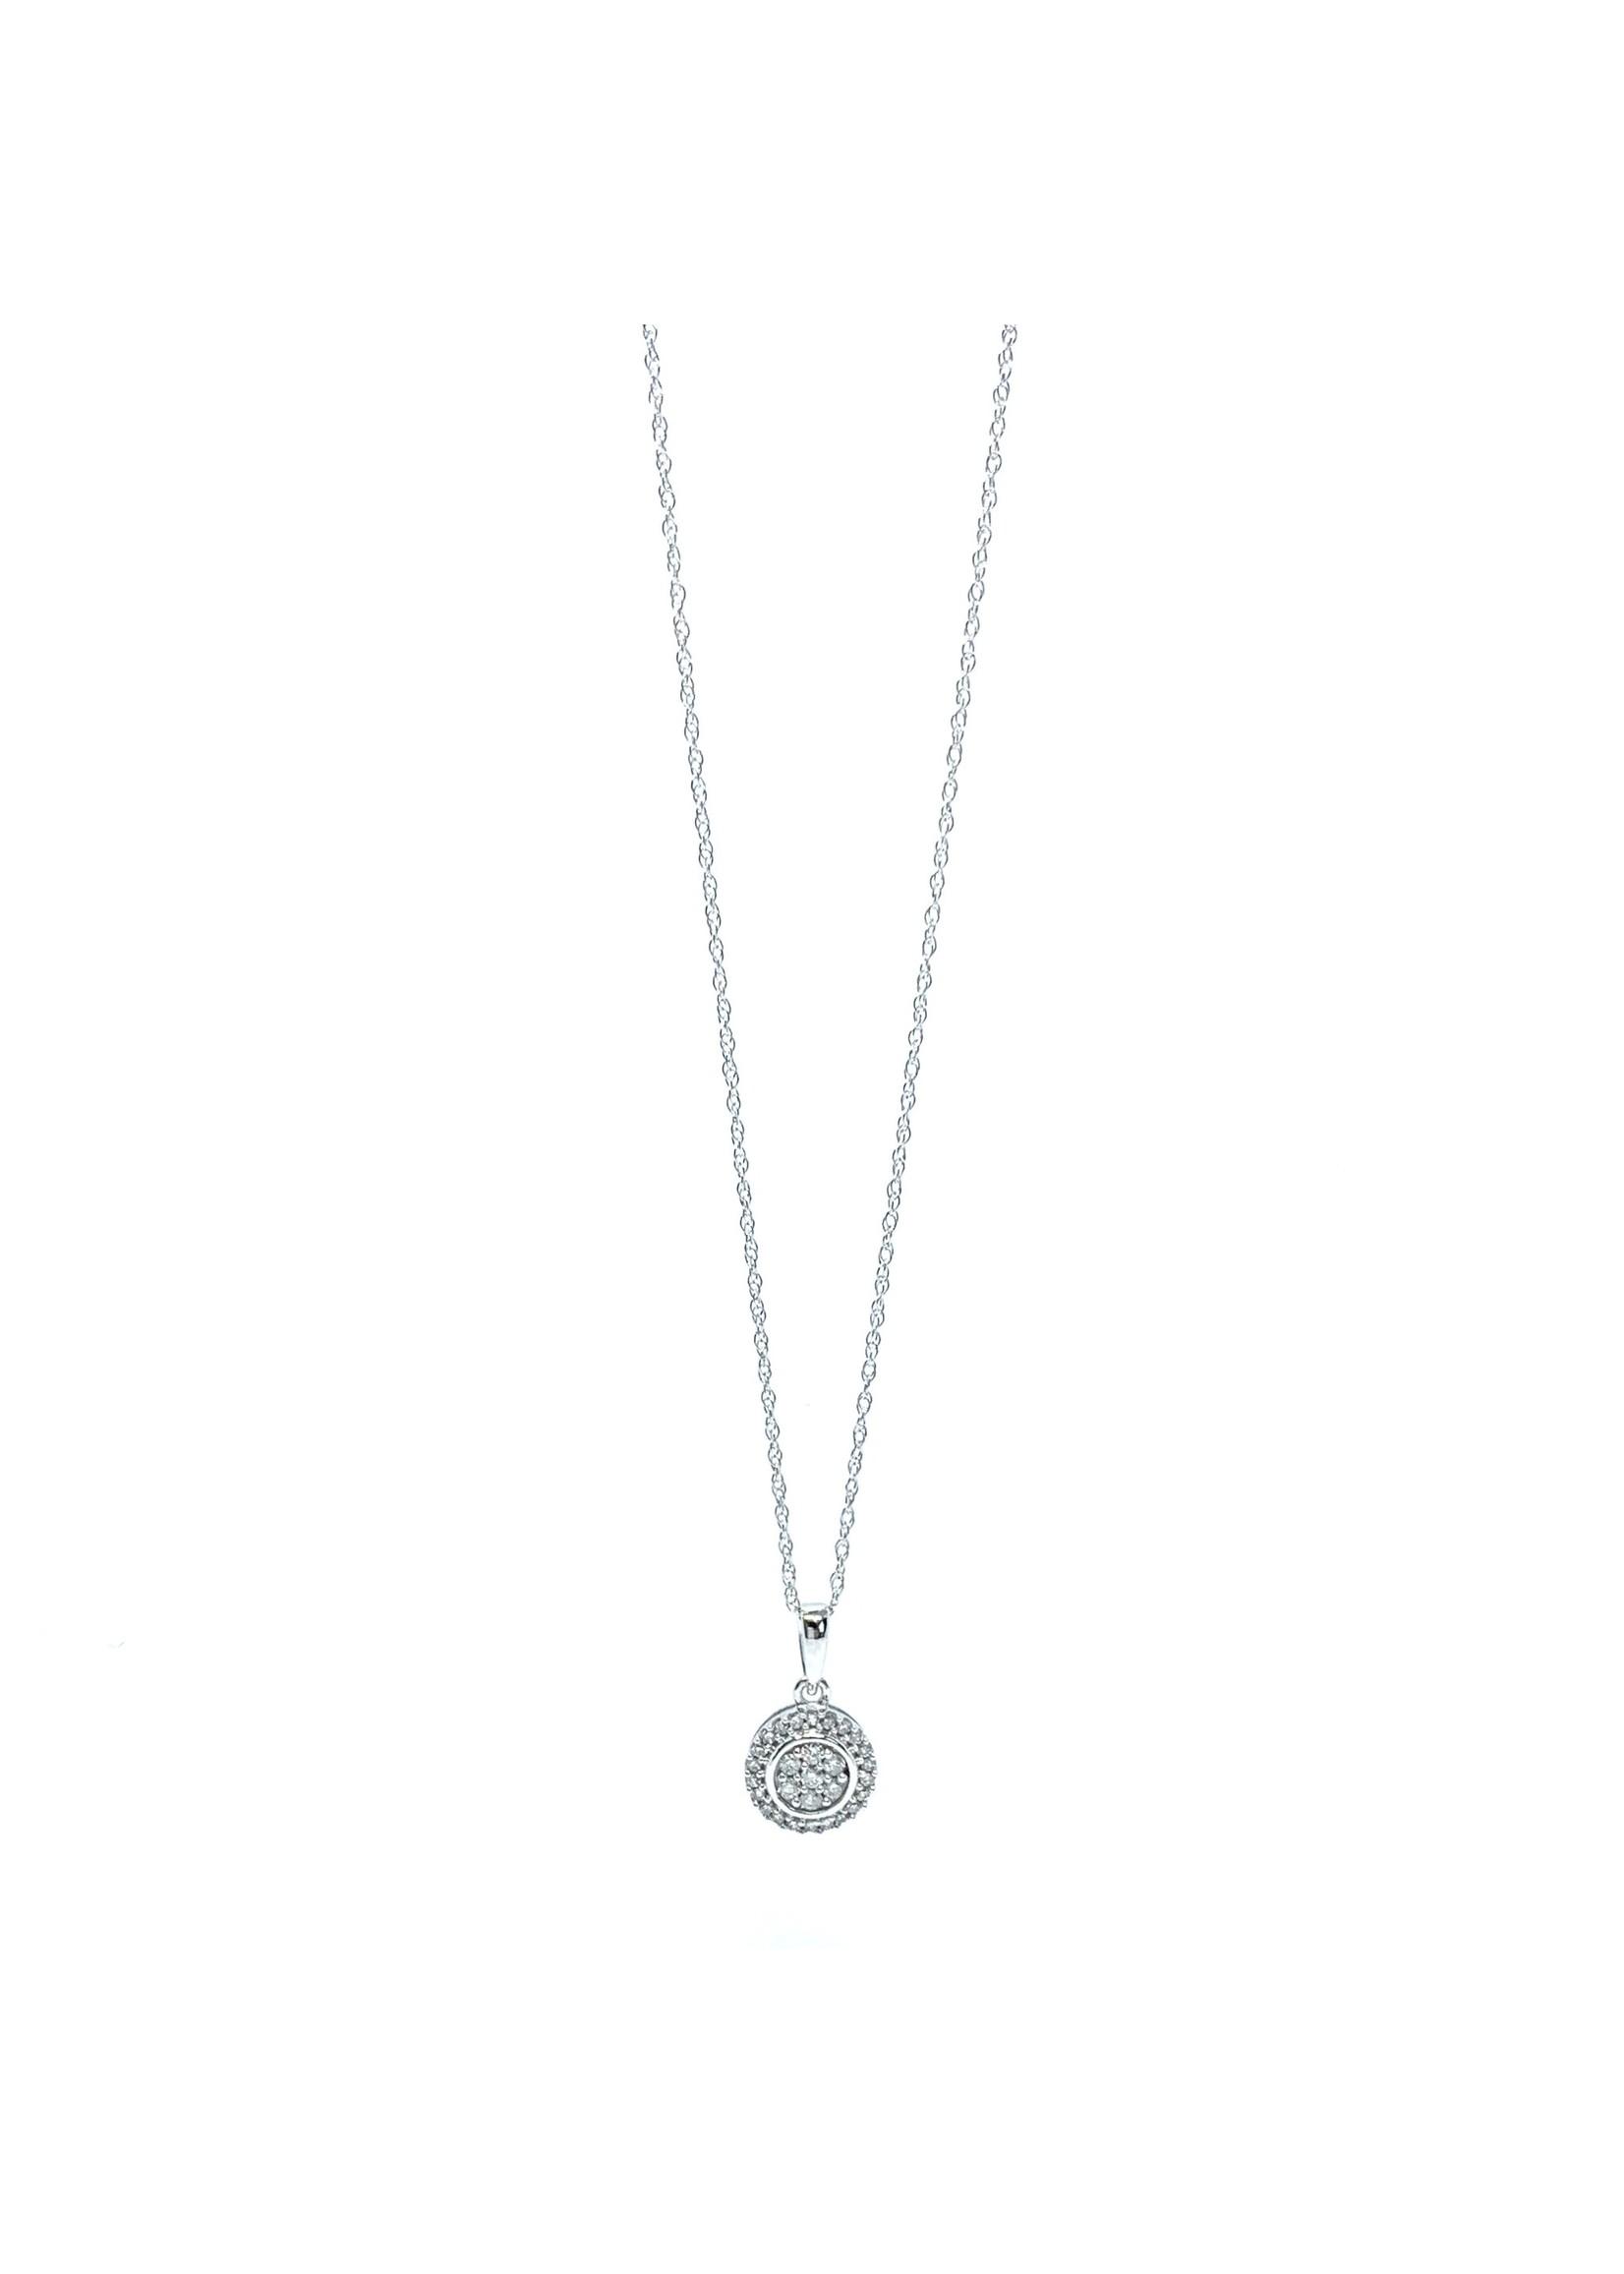 Chaîne et breloque Halo Or blanc 10K avec Diamants 0,15ct